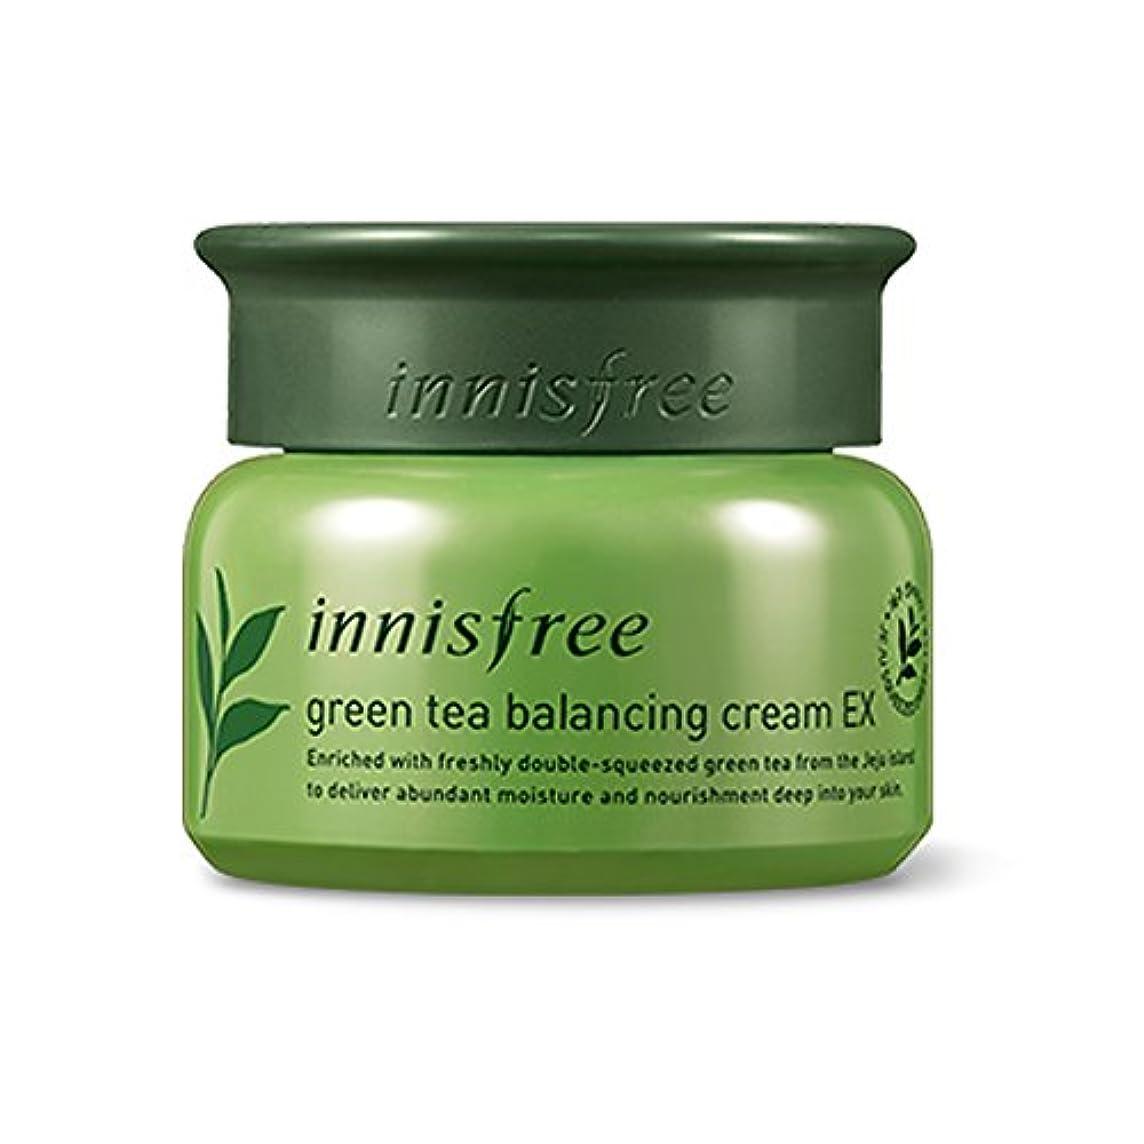 ハブブケニアセマフォイニスフリーグリーンティーバランスクリーム50ml「2018新製品」 Innisfree Green Tea Balancing Cream 50ml